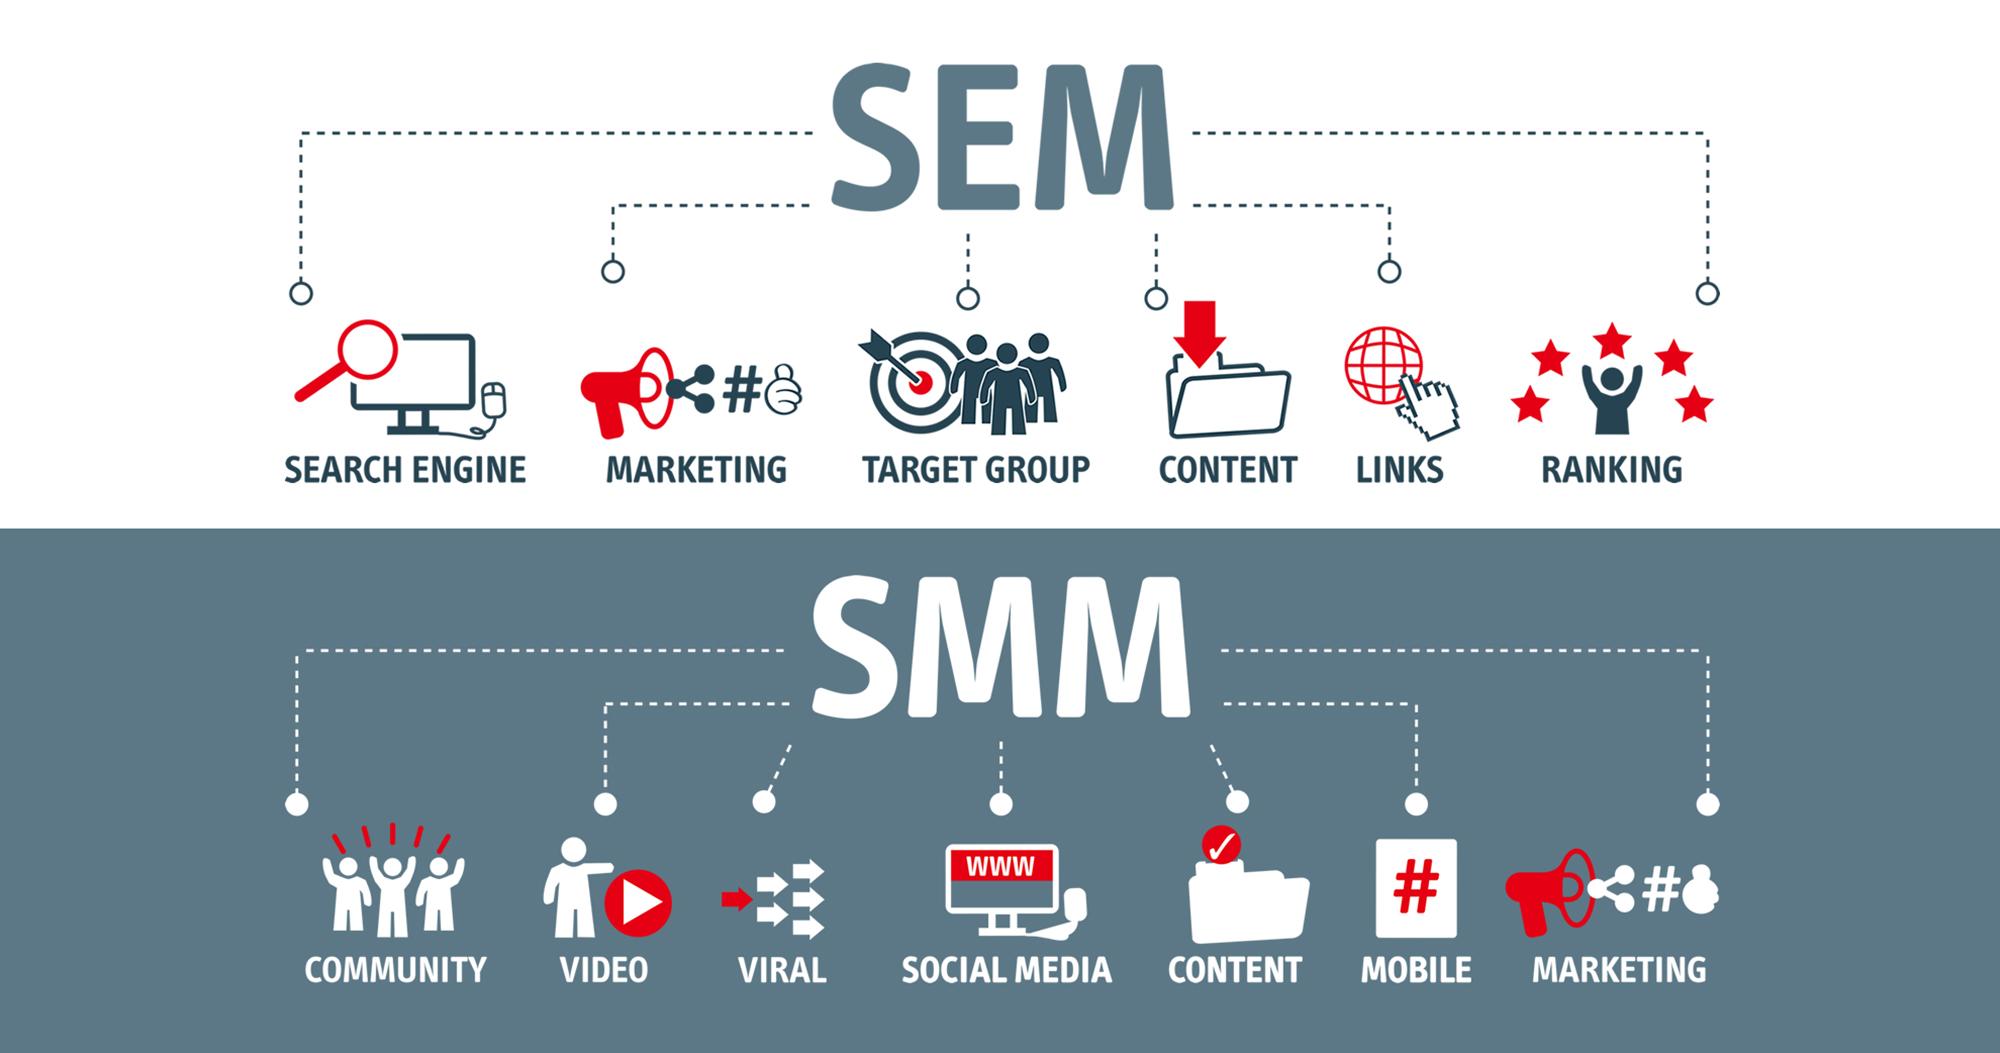 SEM/SMMとは?SEMとSMMの違いをマーケティング初心者向けに解説!